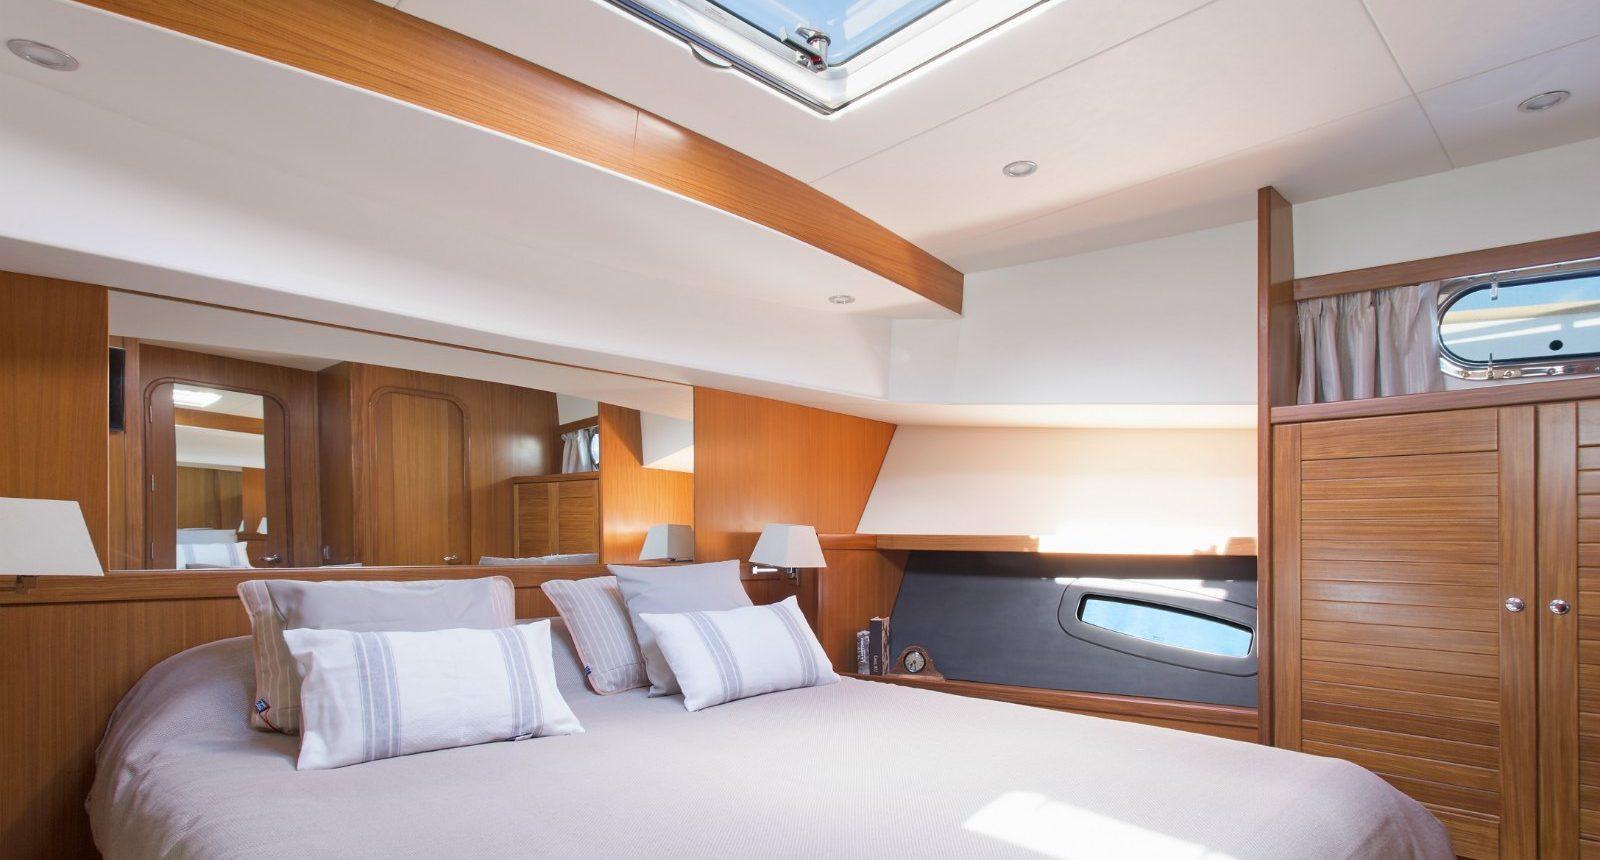 Minorca Islander 54 Flybridge for sale - master bedroom